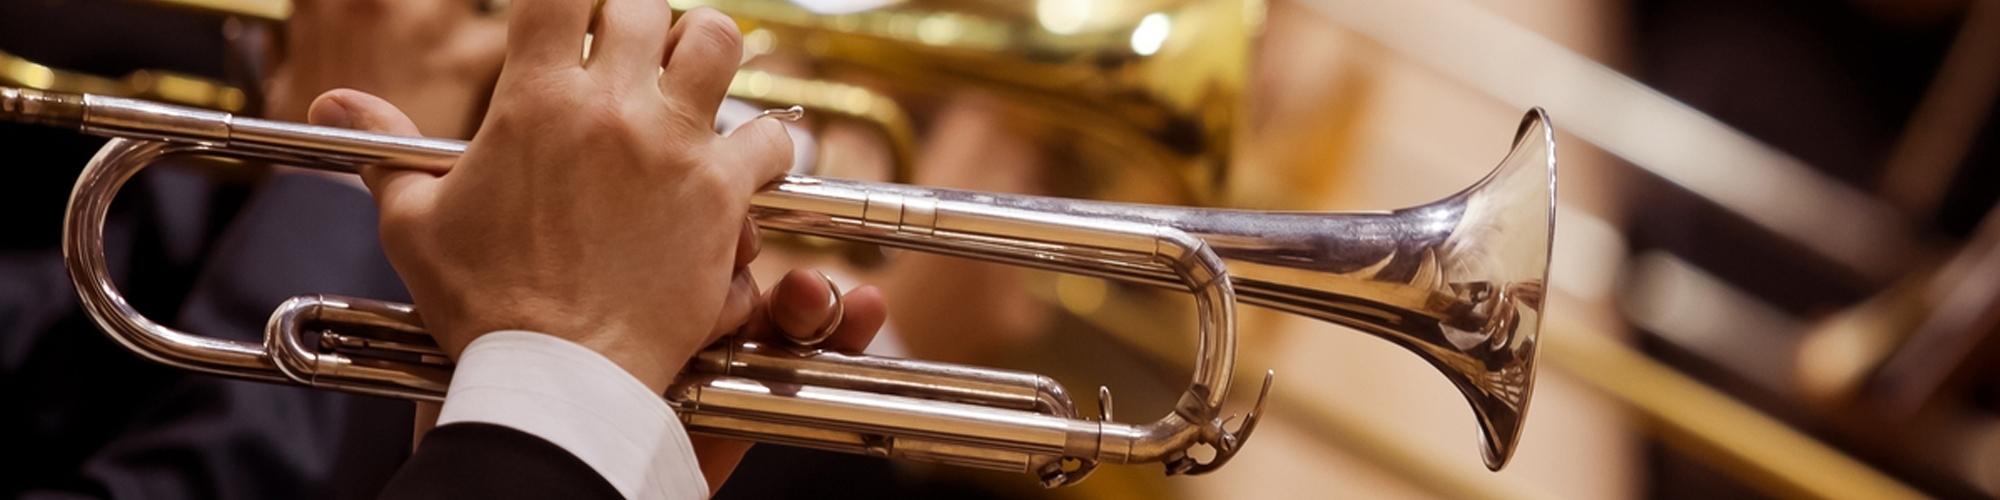 musicos tocando instrumentos de bronce